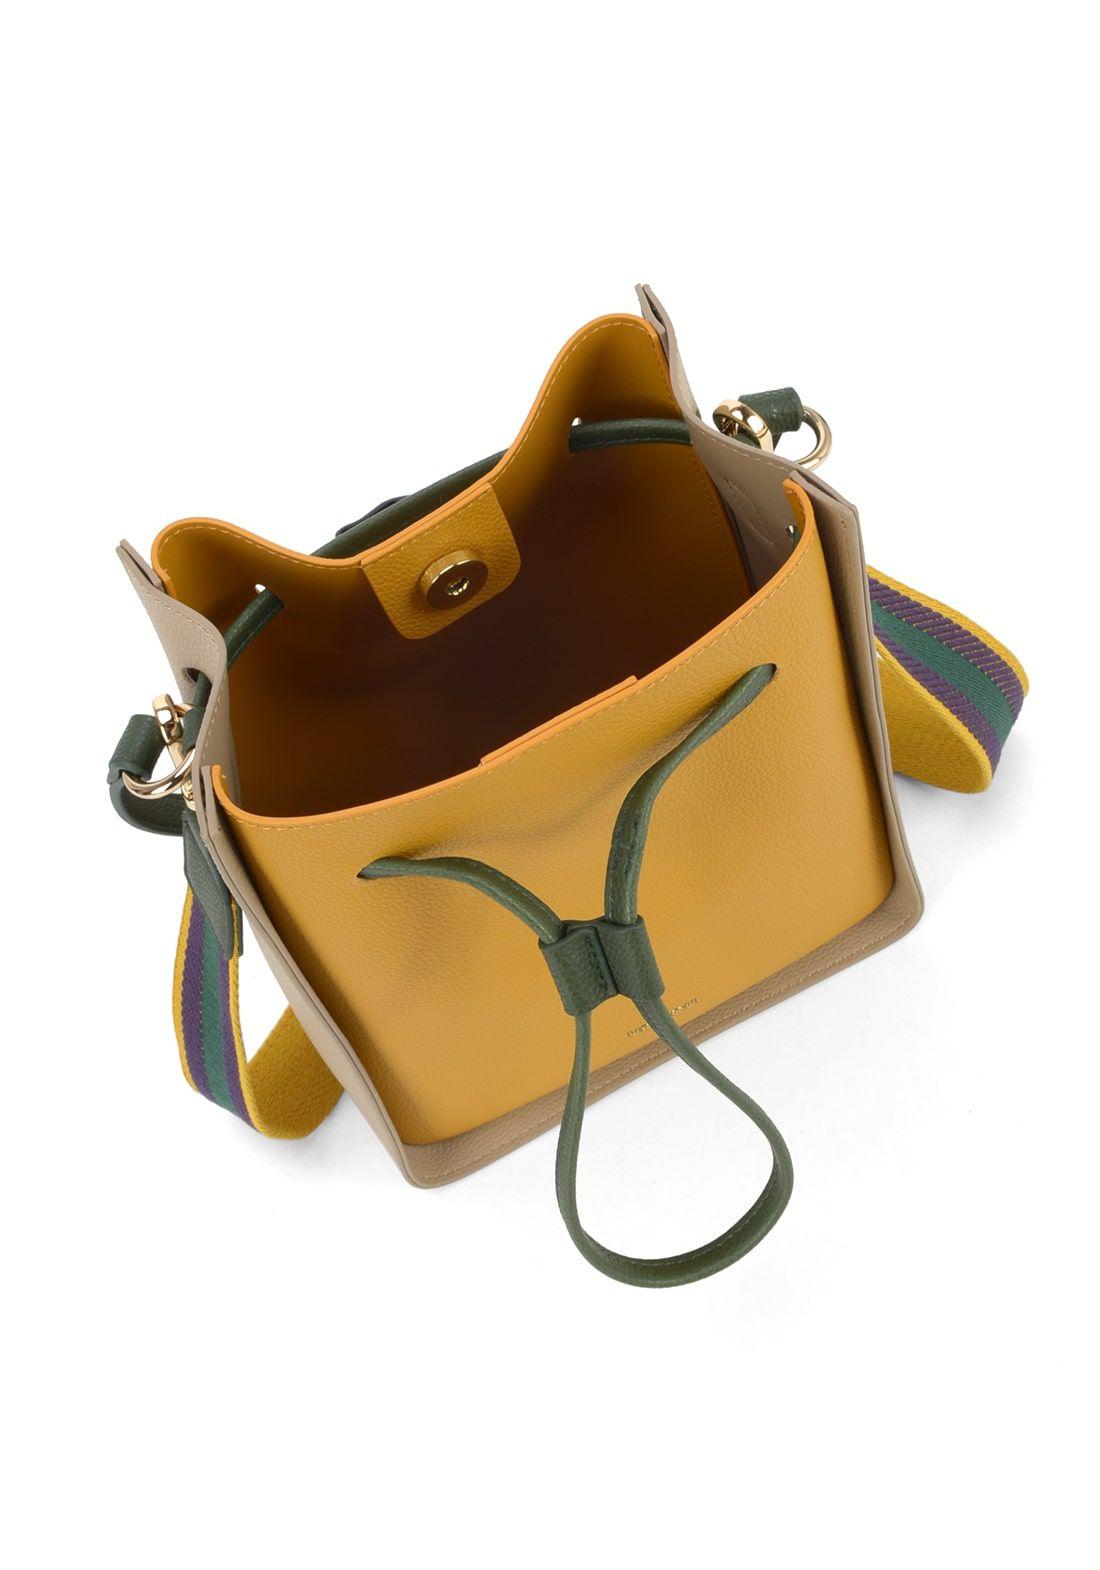 Bolsa Up4you Transversal Listras Amarela Mostarda Original